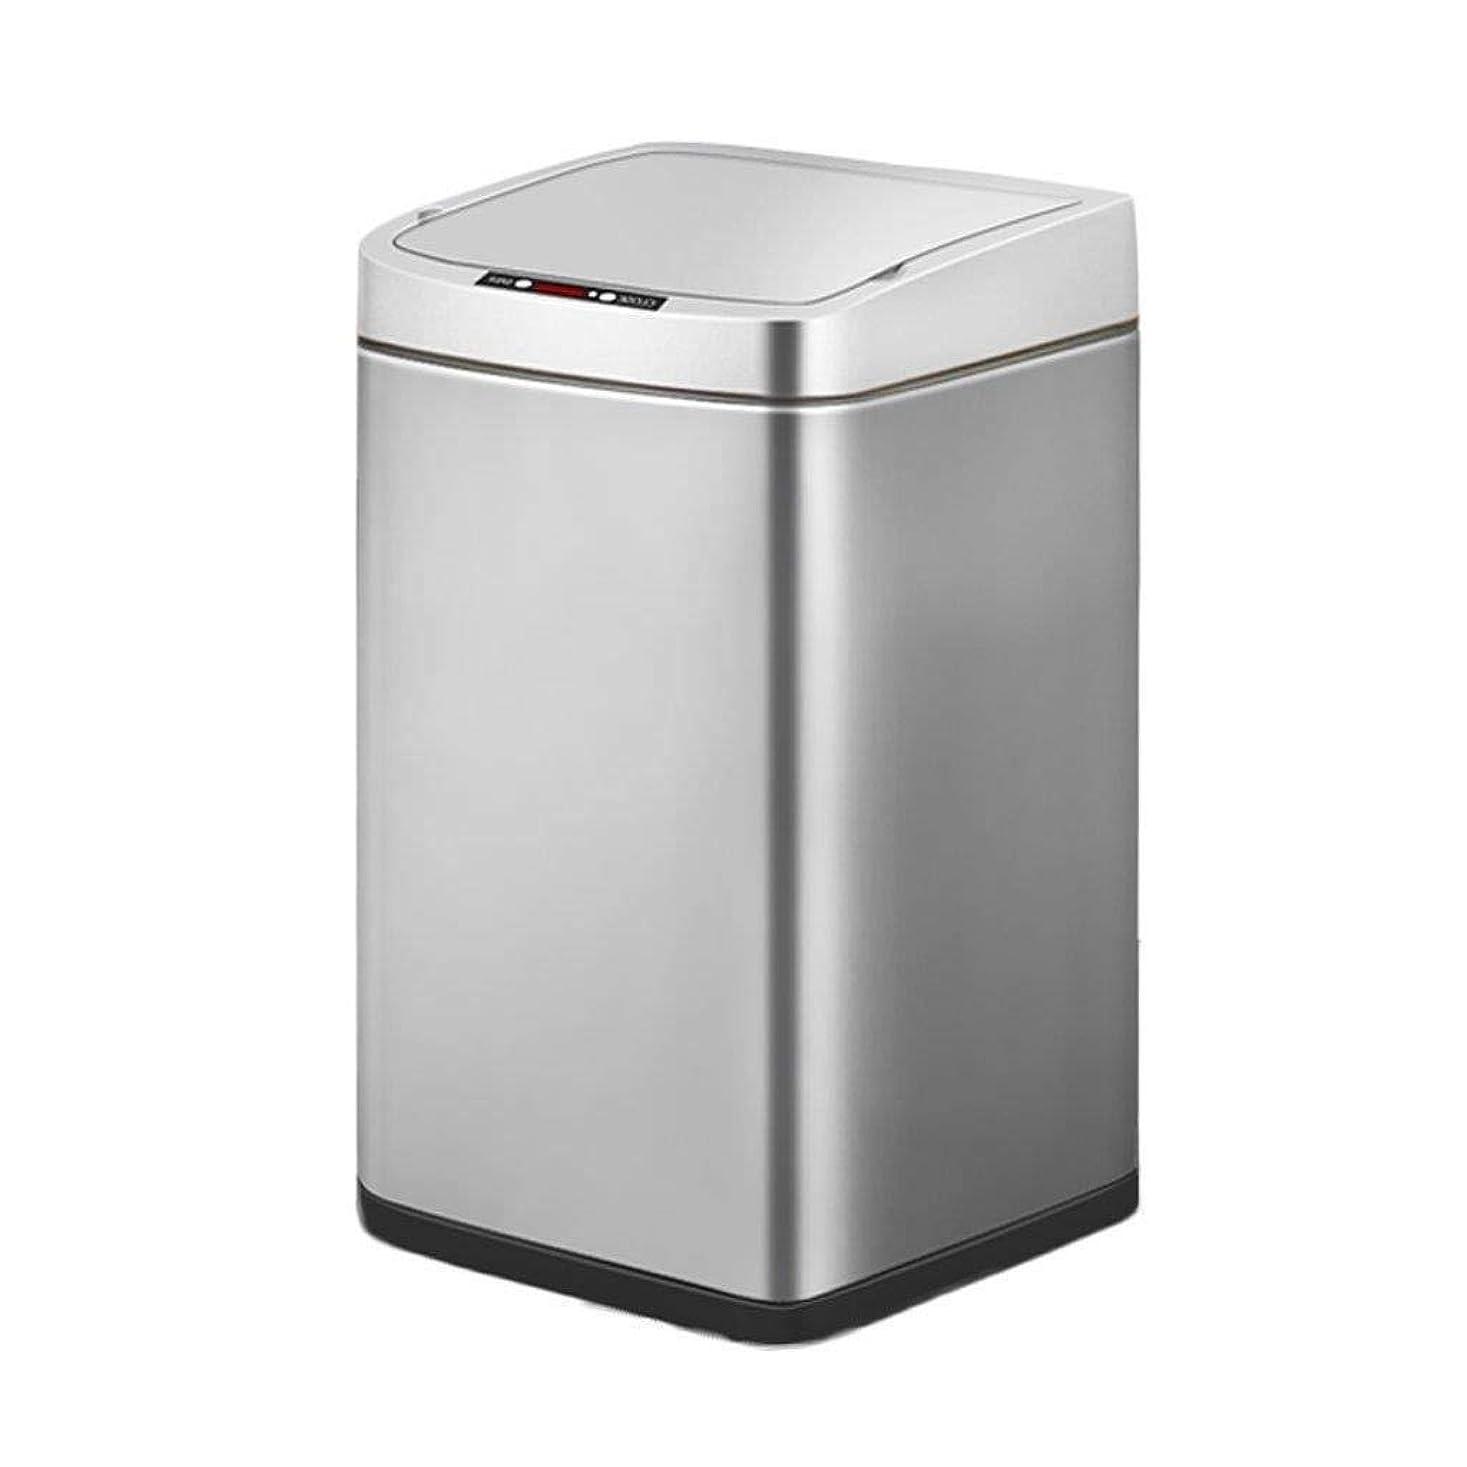 赤面望みわざわざLJKHDF 自動センサーのゴミ箱の台所家の居間の浴室のスマートなゴミ箱 (Color : Silver)